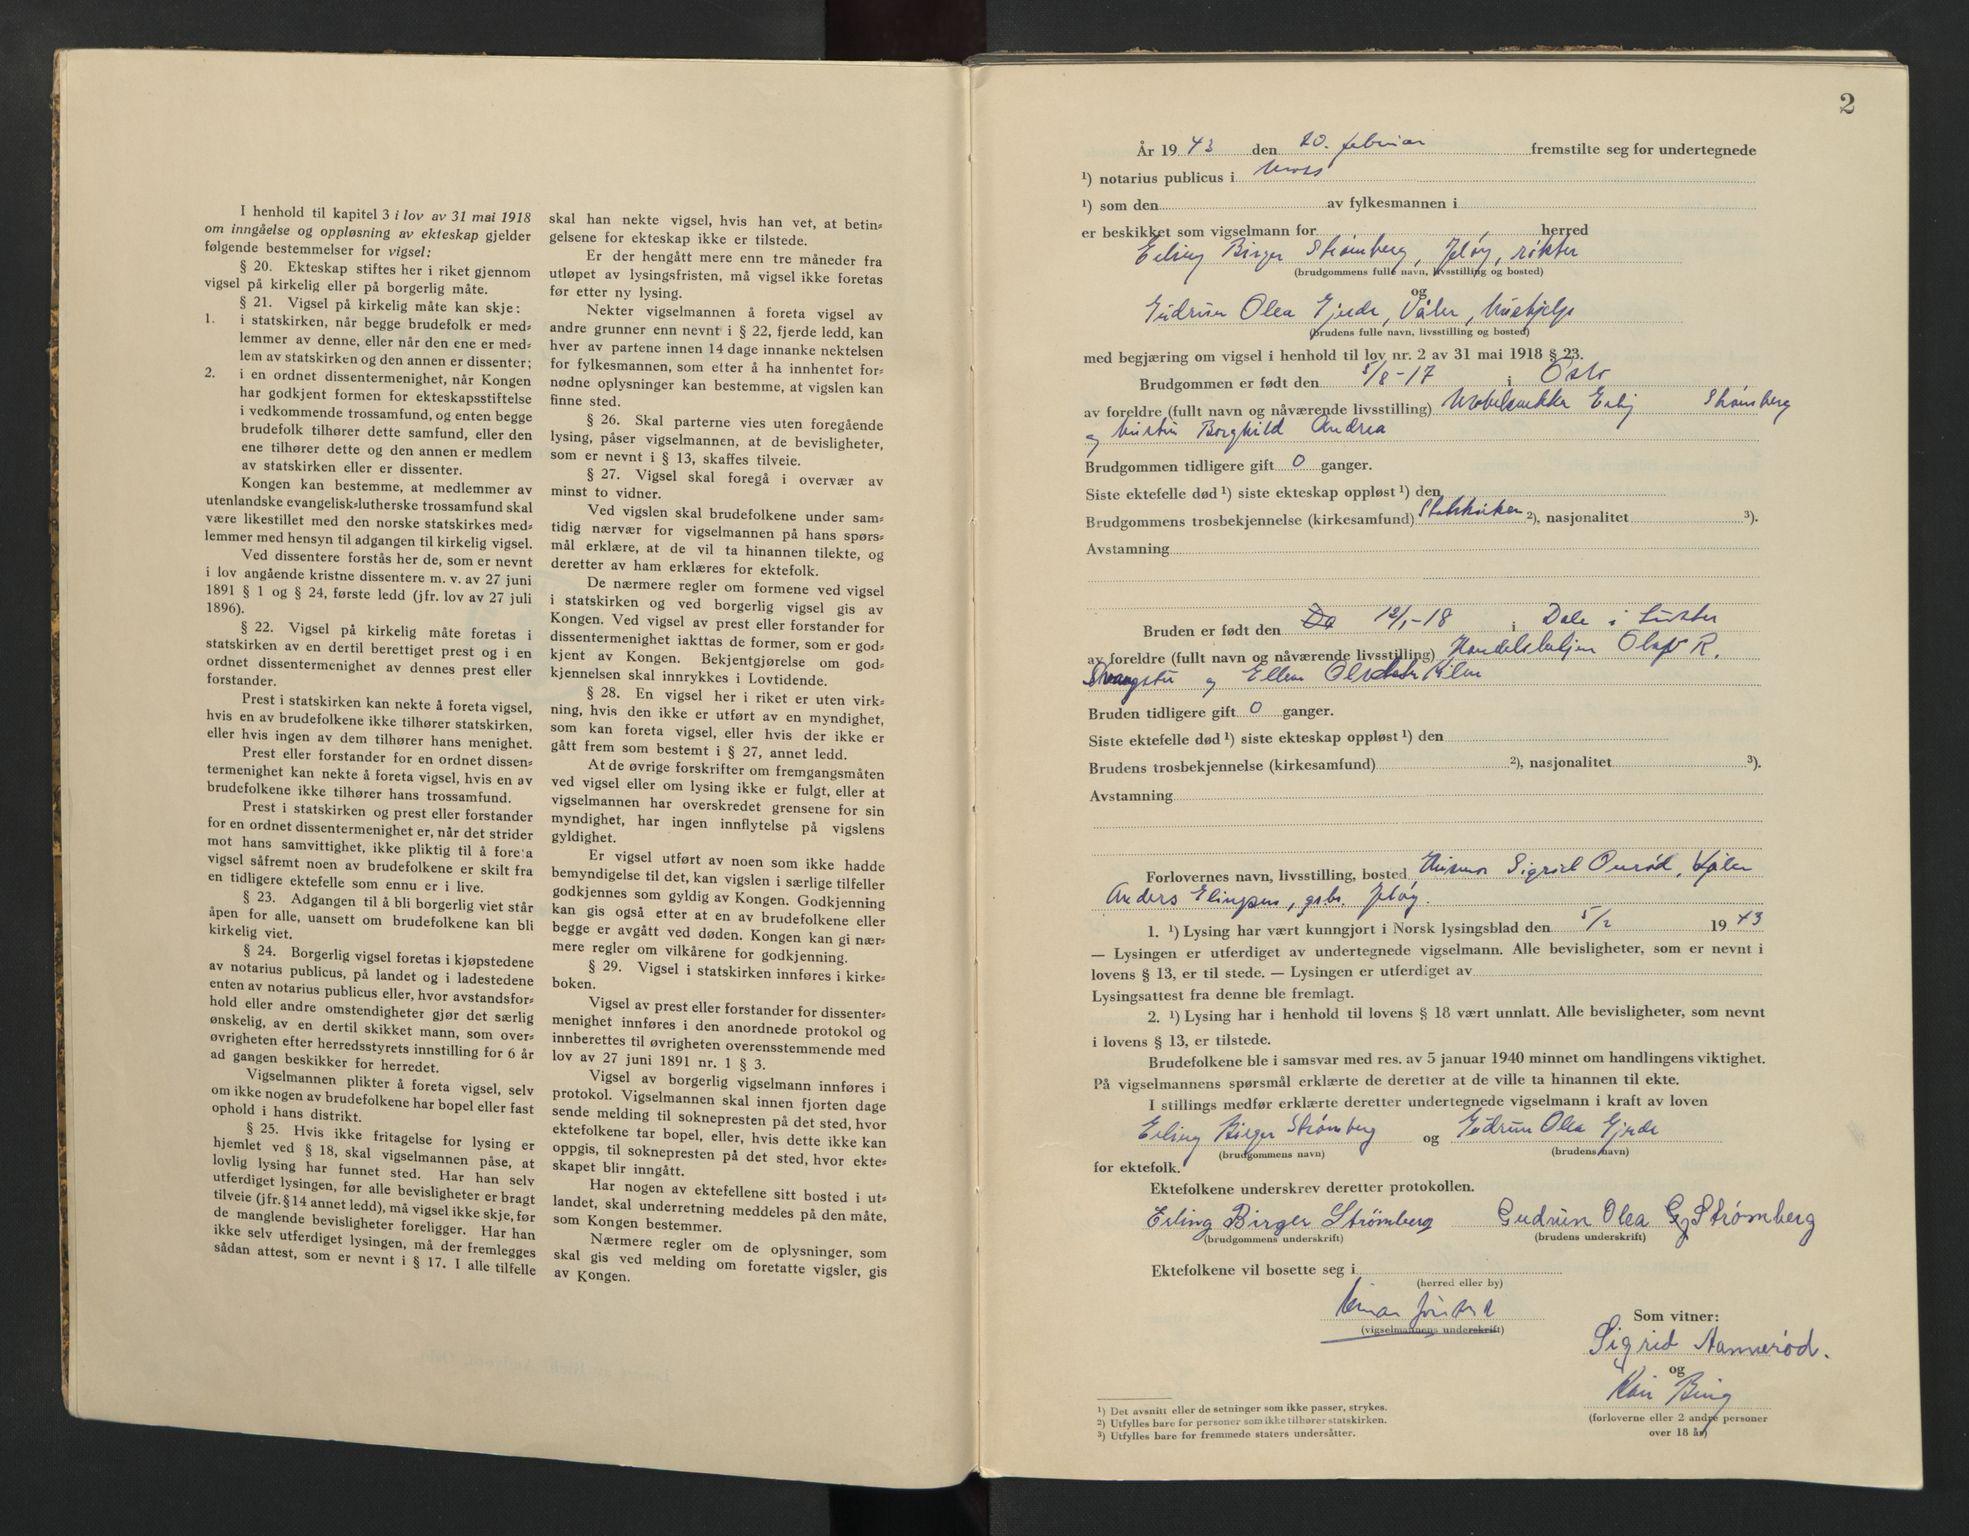 SAO, Moss sorenskriveri, 1943, s. 2